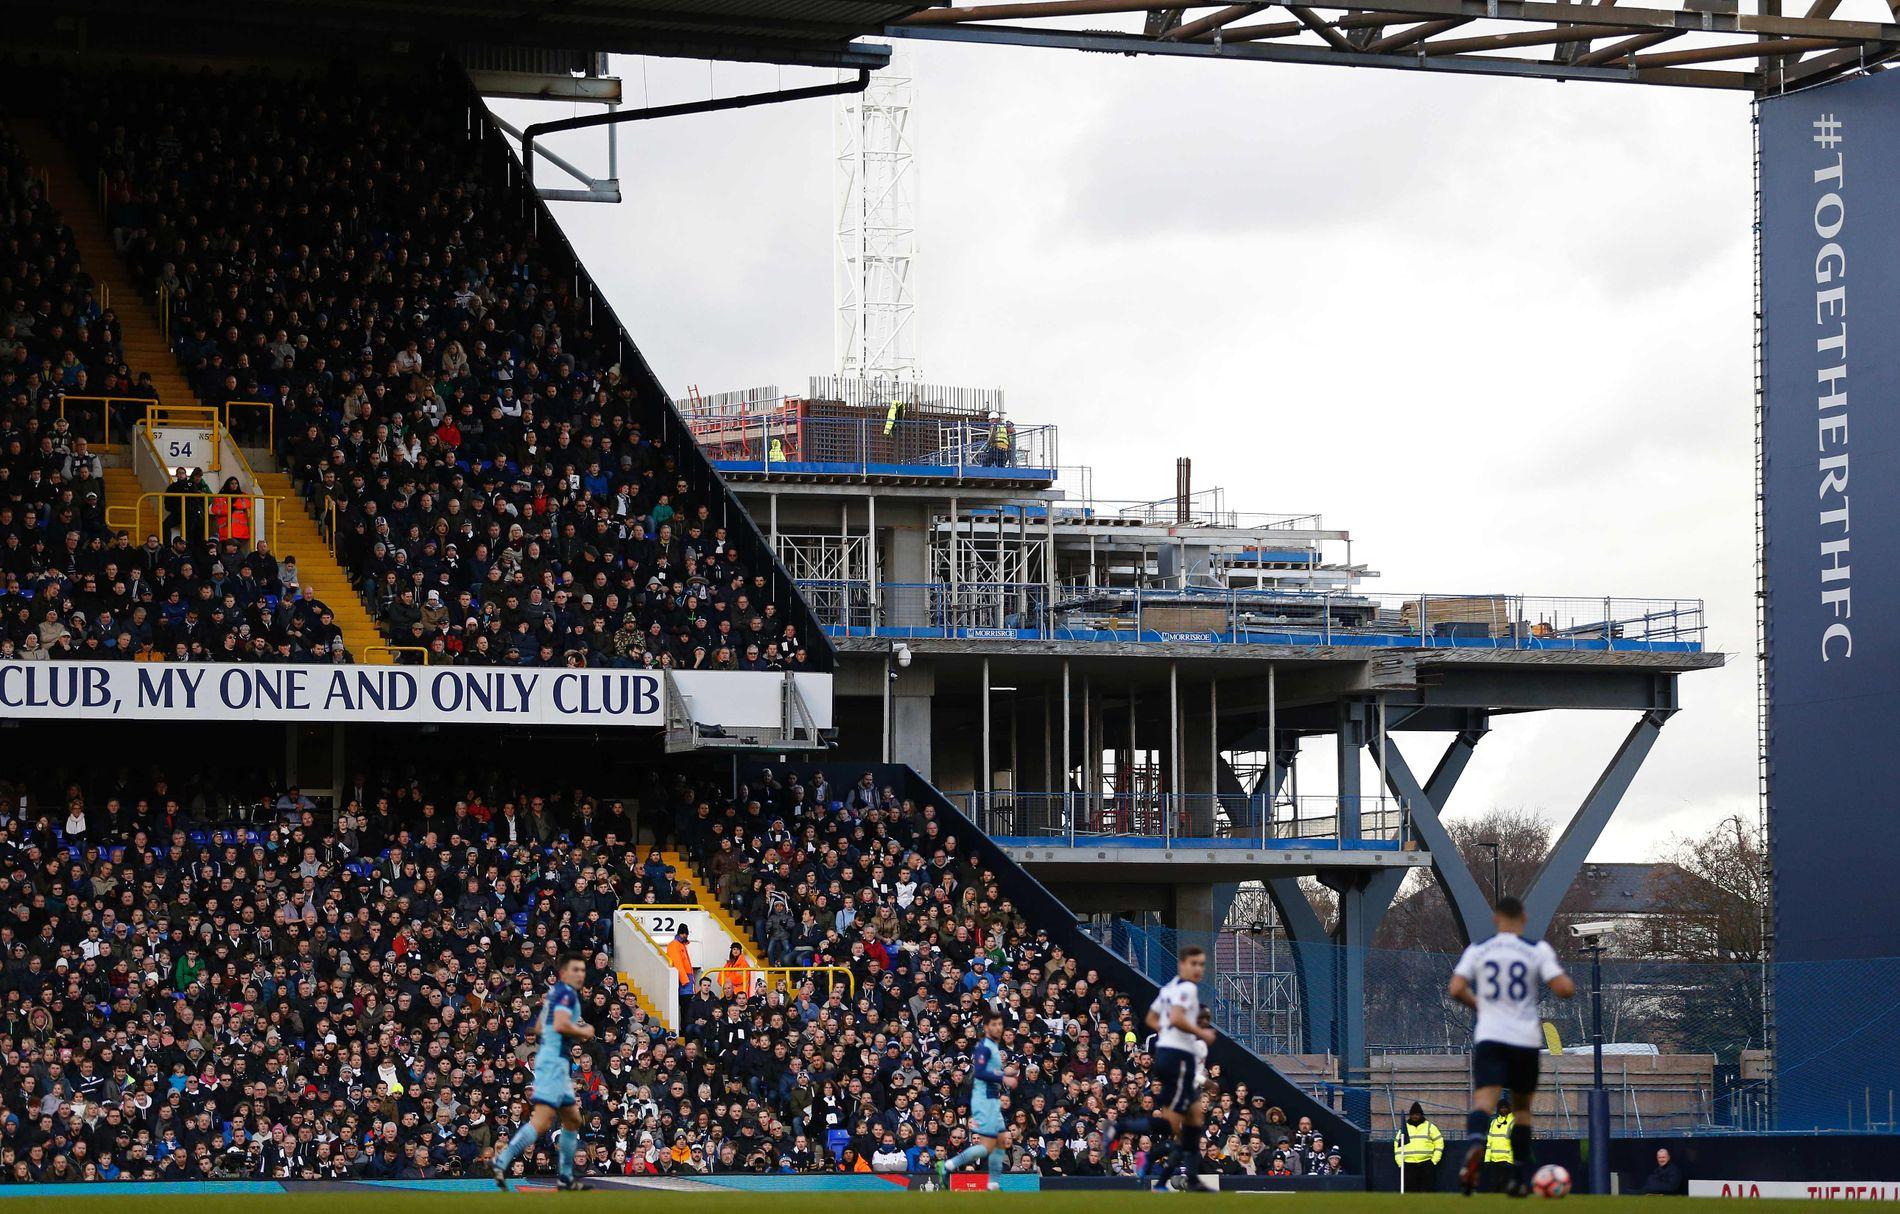 BYGGER NY HJEMMEBANE: Slik så det ut på White Hart Lane i januar. I bakgrunnen er det som skal bli til Tottenhams nye hjemmebane, som skal stå klar i 2018.